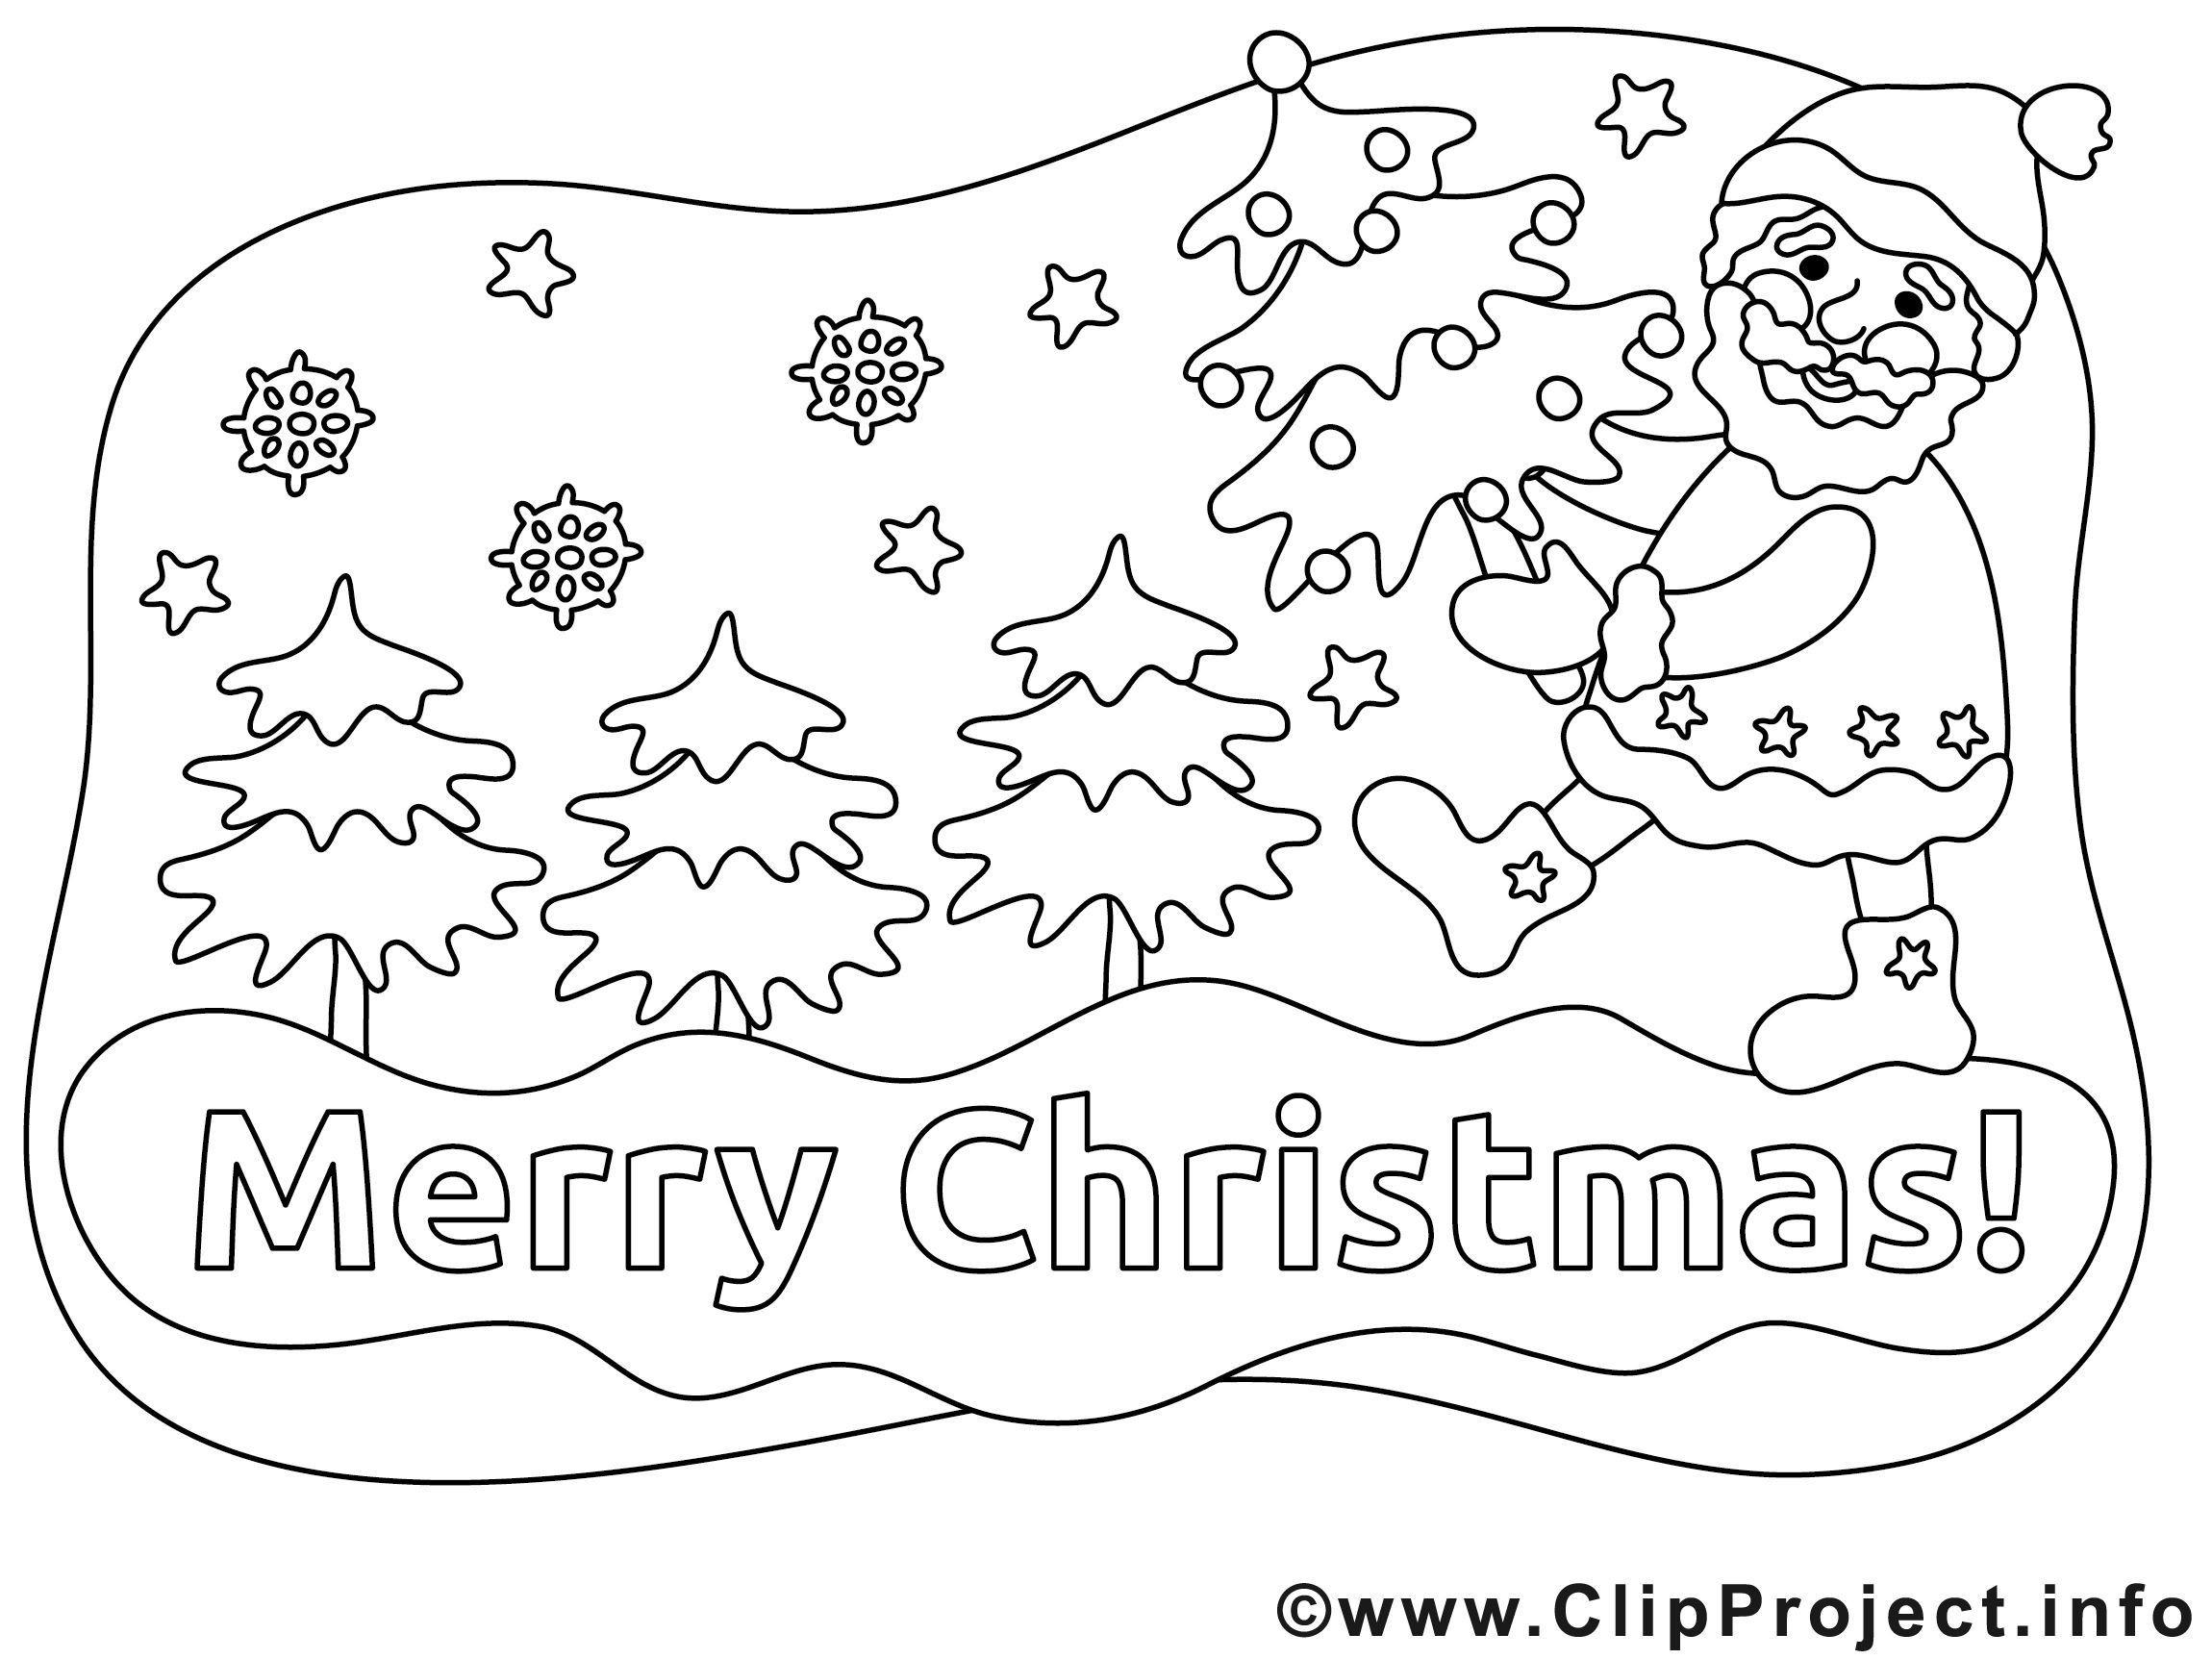 Ausmalbilder Für Weihnachten Zum Ausdrucken Das Beste Von Frei Druckbare Design Malvorlagen Fur Kostenlose Fotografieren